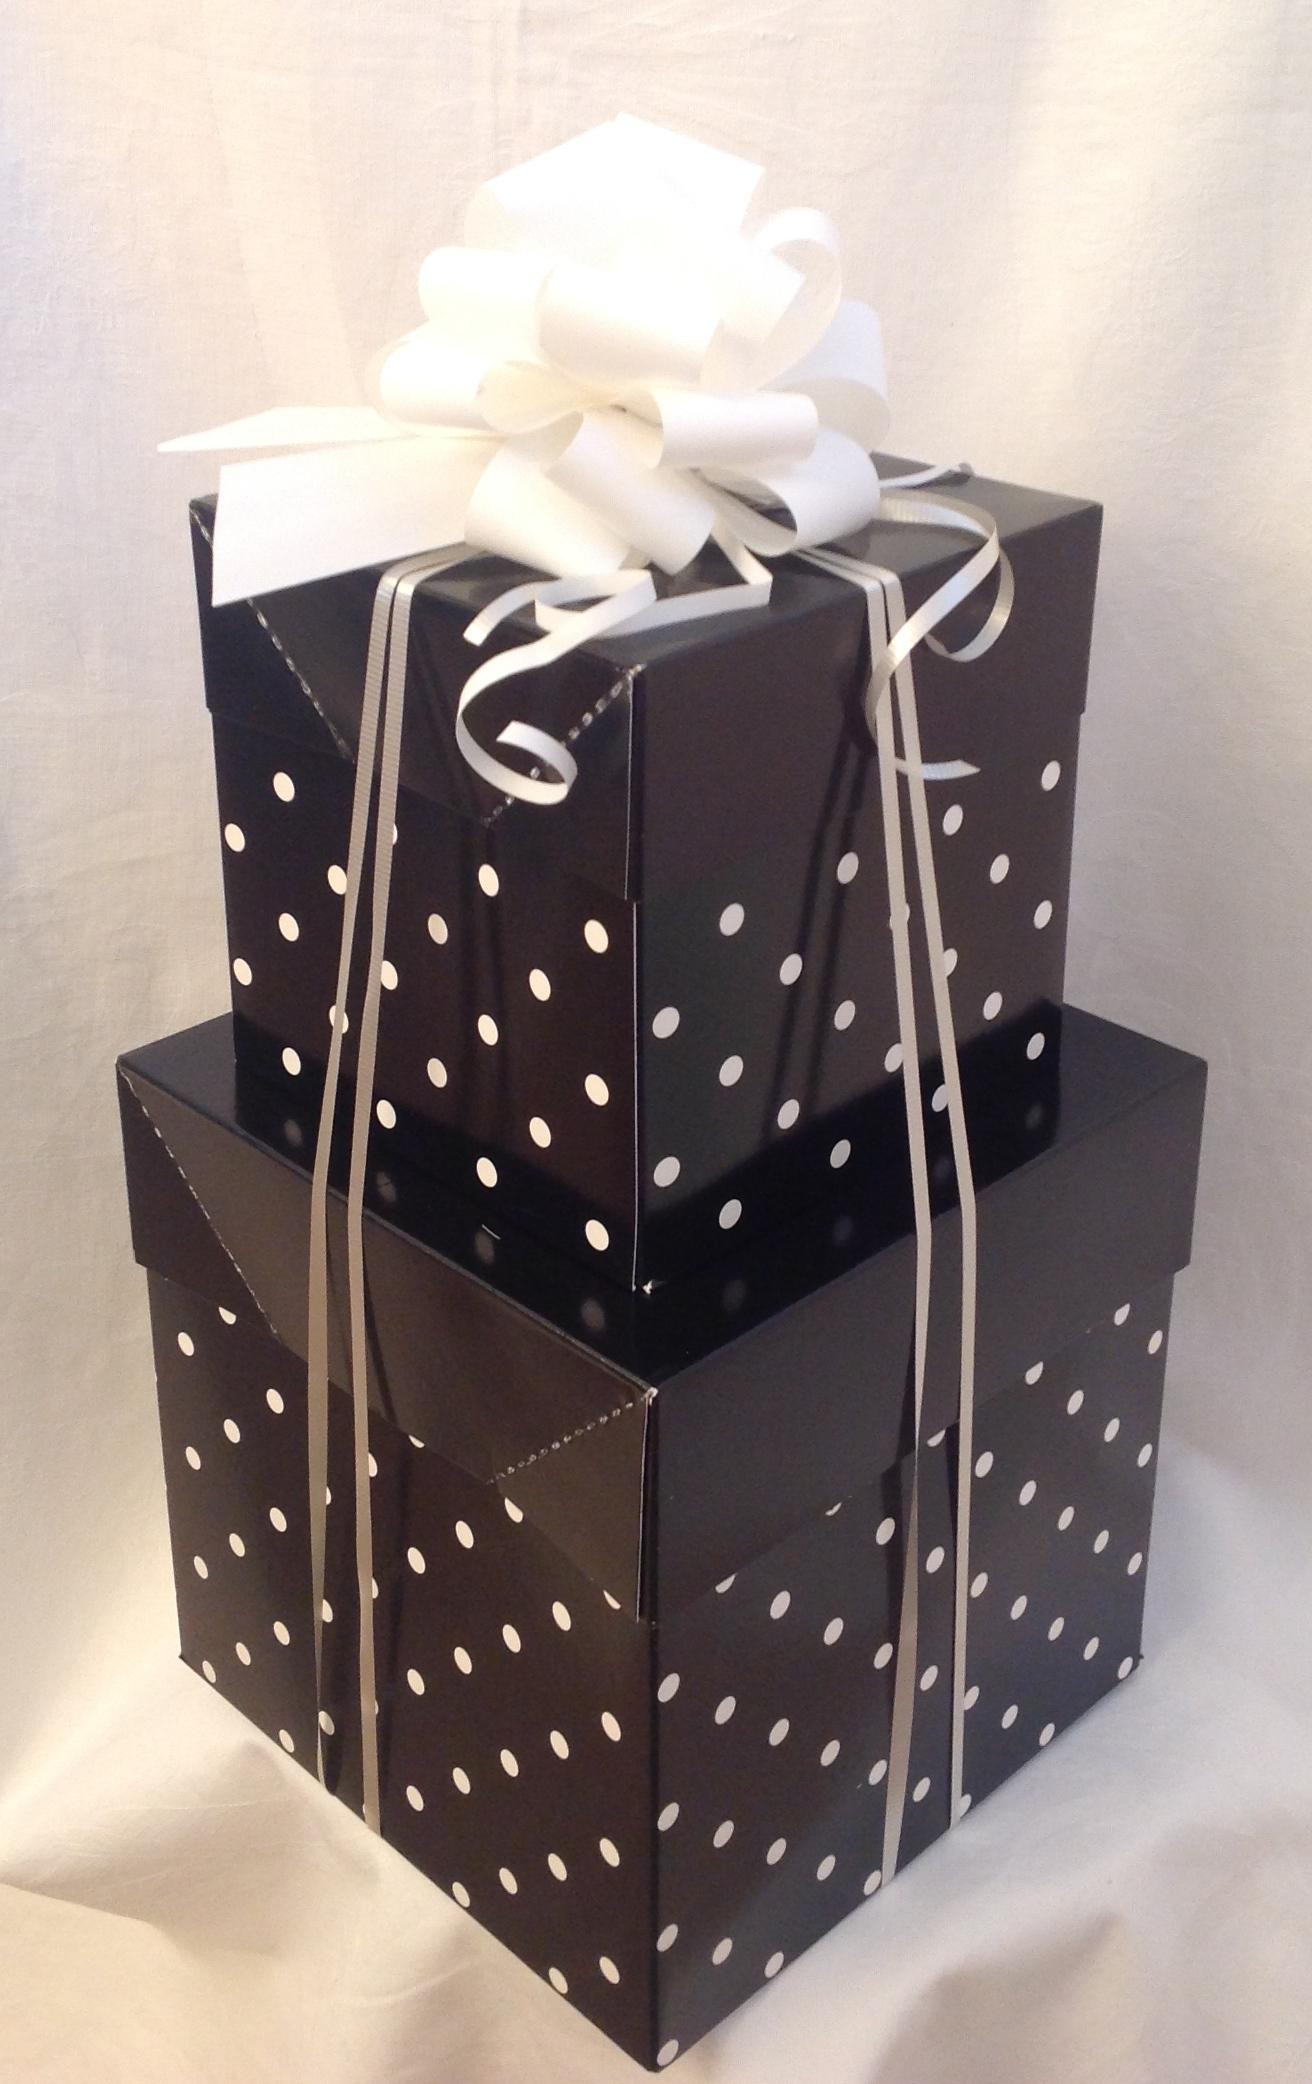 IMG_0797 Stunning black boxes